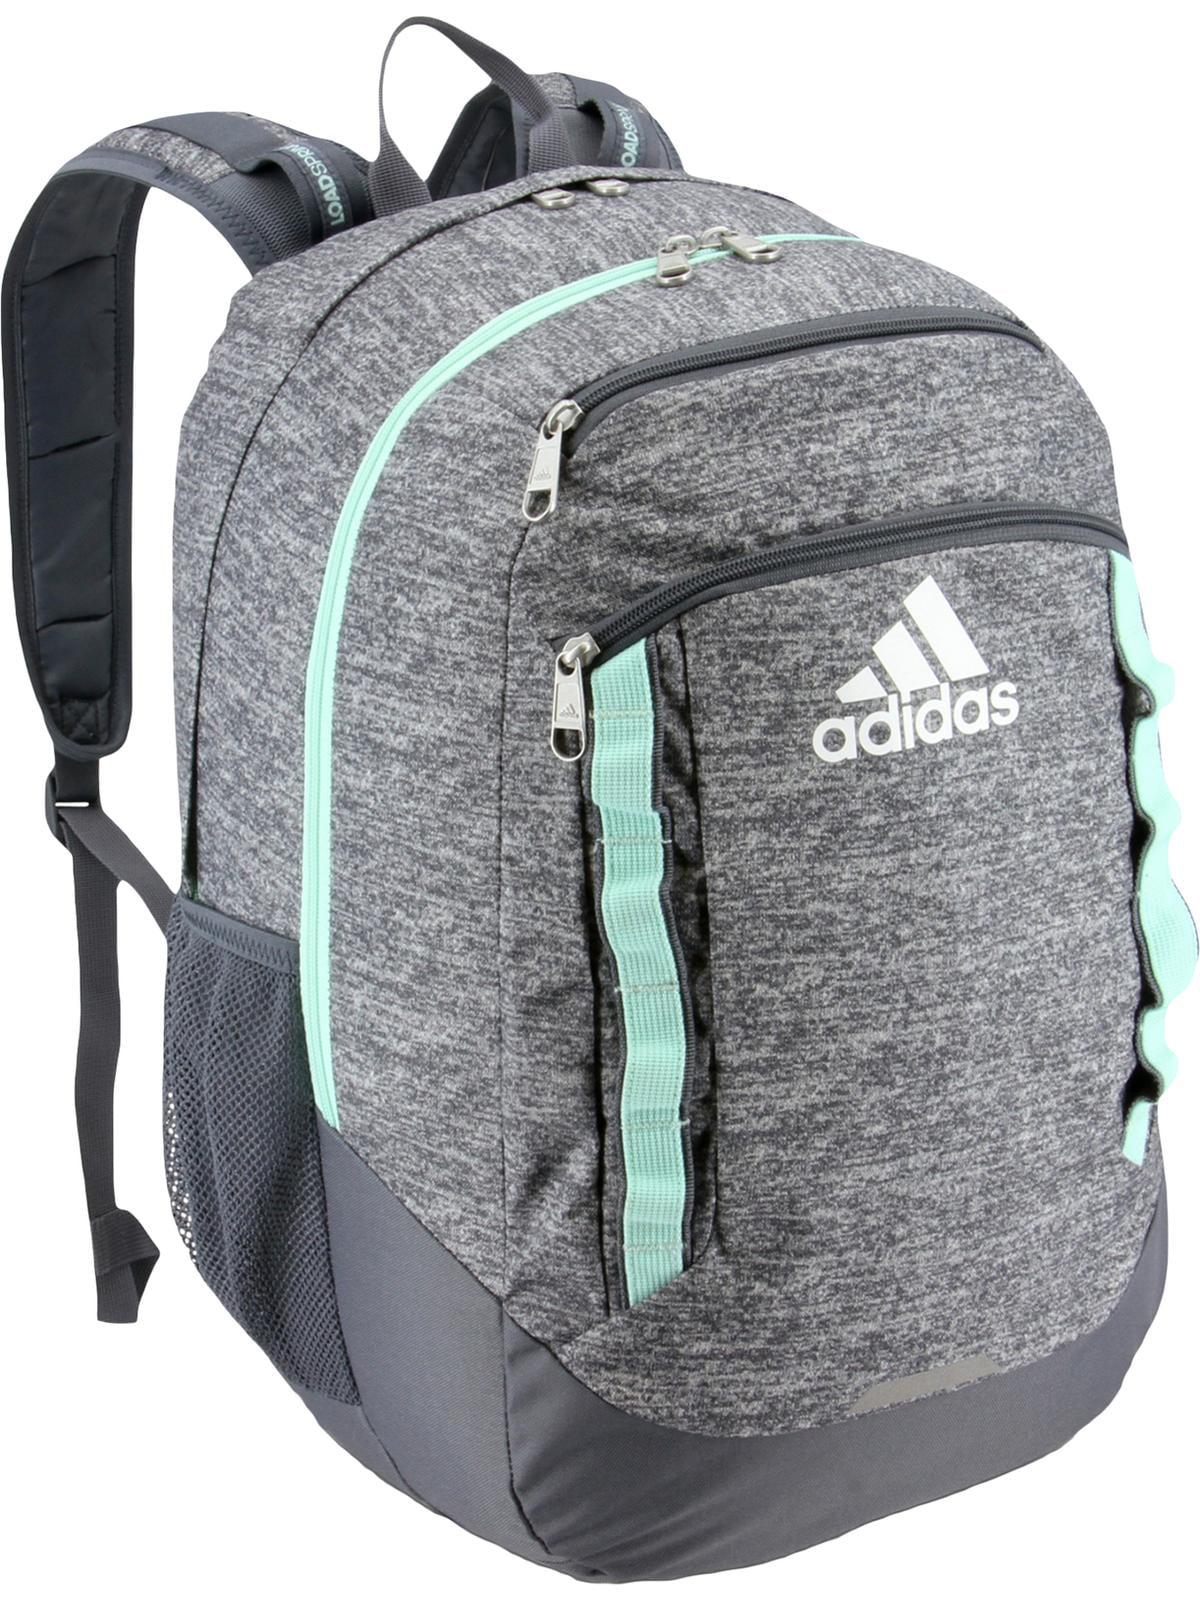 Adidas Excel V Tech Friendly Media Safe Backpack